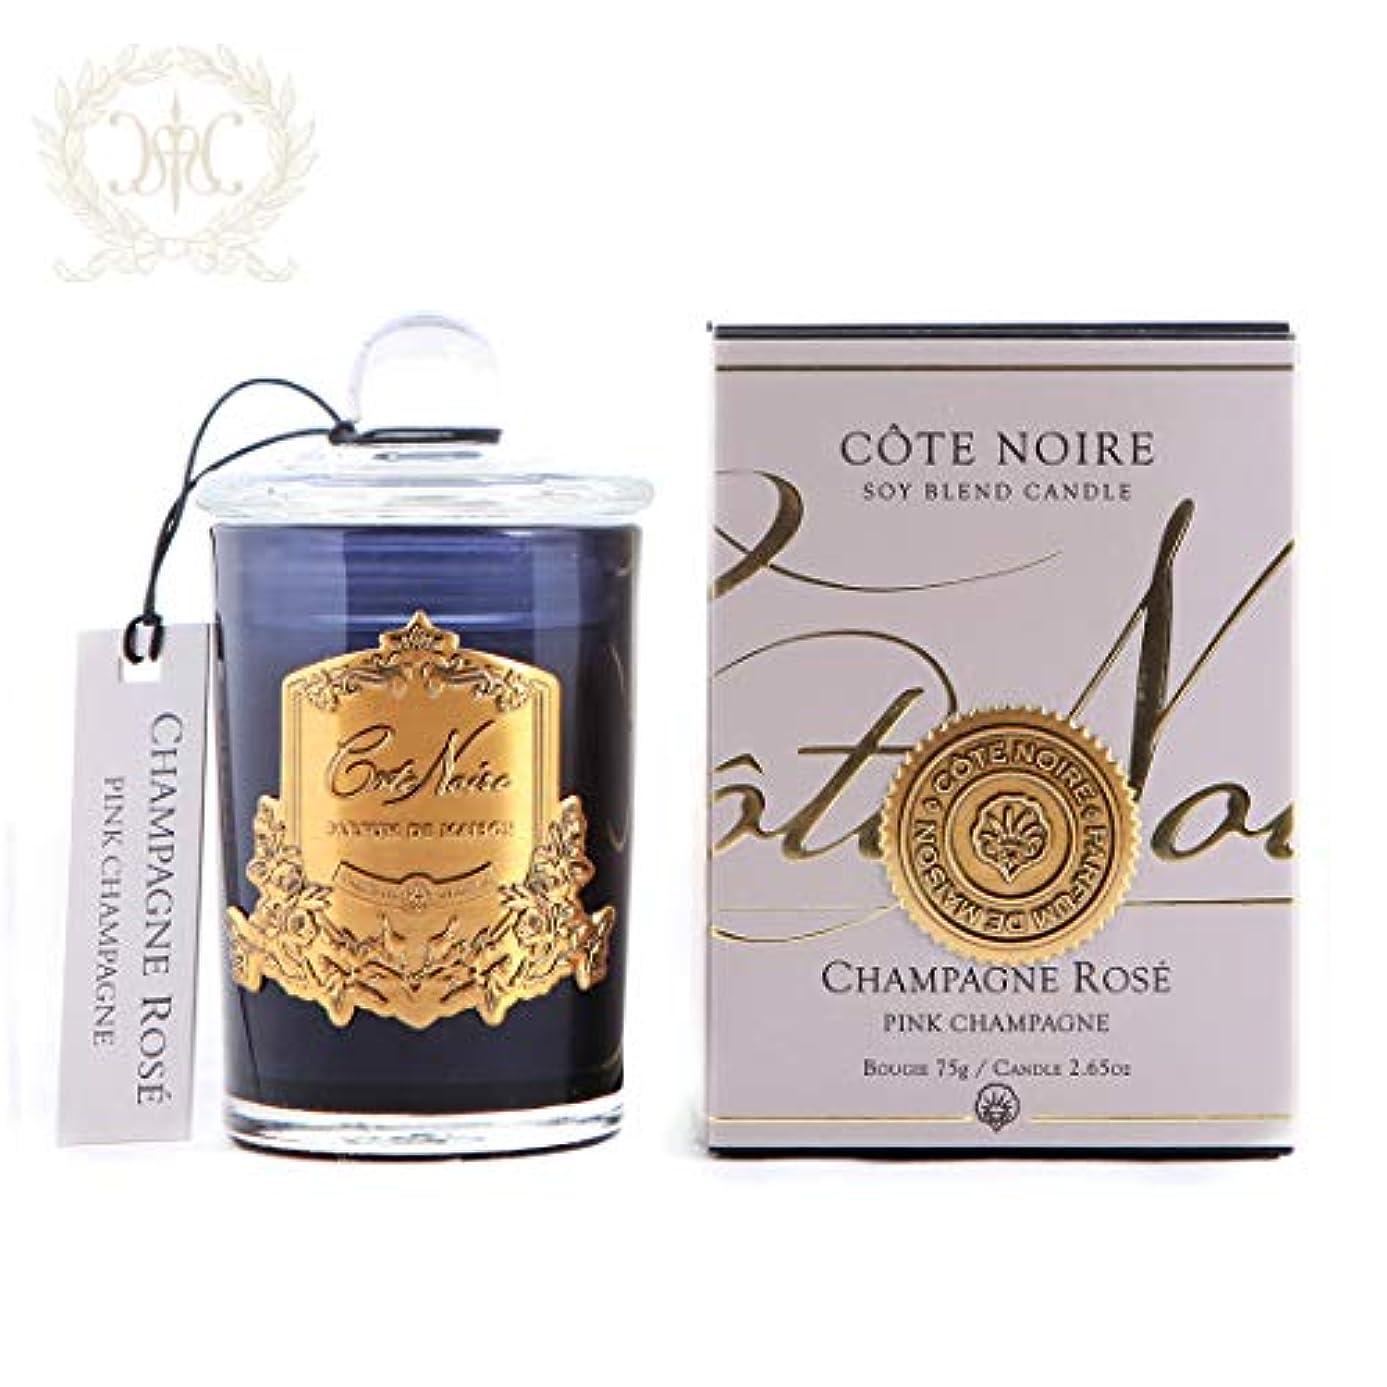 ビスケット伸ばす味付けソイブレンドアロマキャンドル/ピンクシャンパン Cote Noire/コートノアール(イギリス)